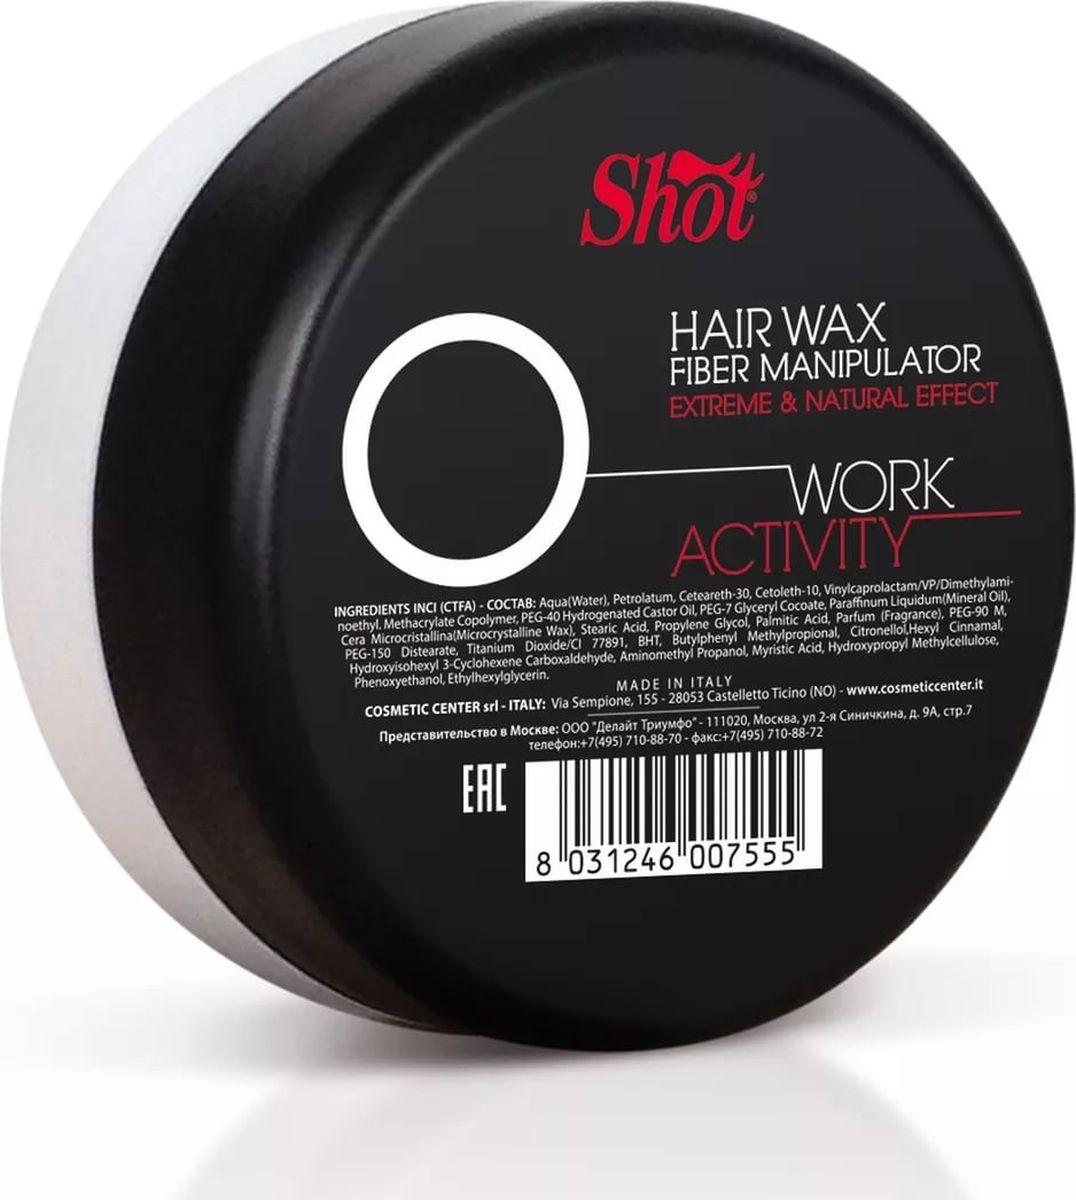 Shot Work Activity Hair Wax Fiber Manipulator - Воск-манипулятор с экстремальным и натуральным эффектом 100 мл SHWA112